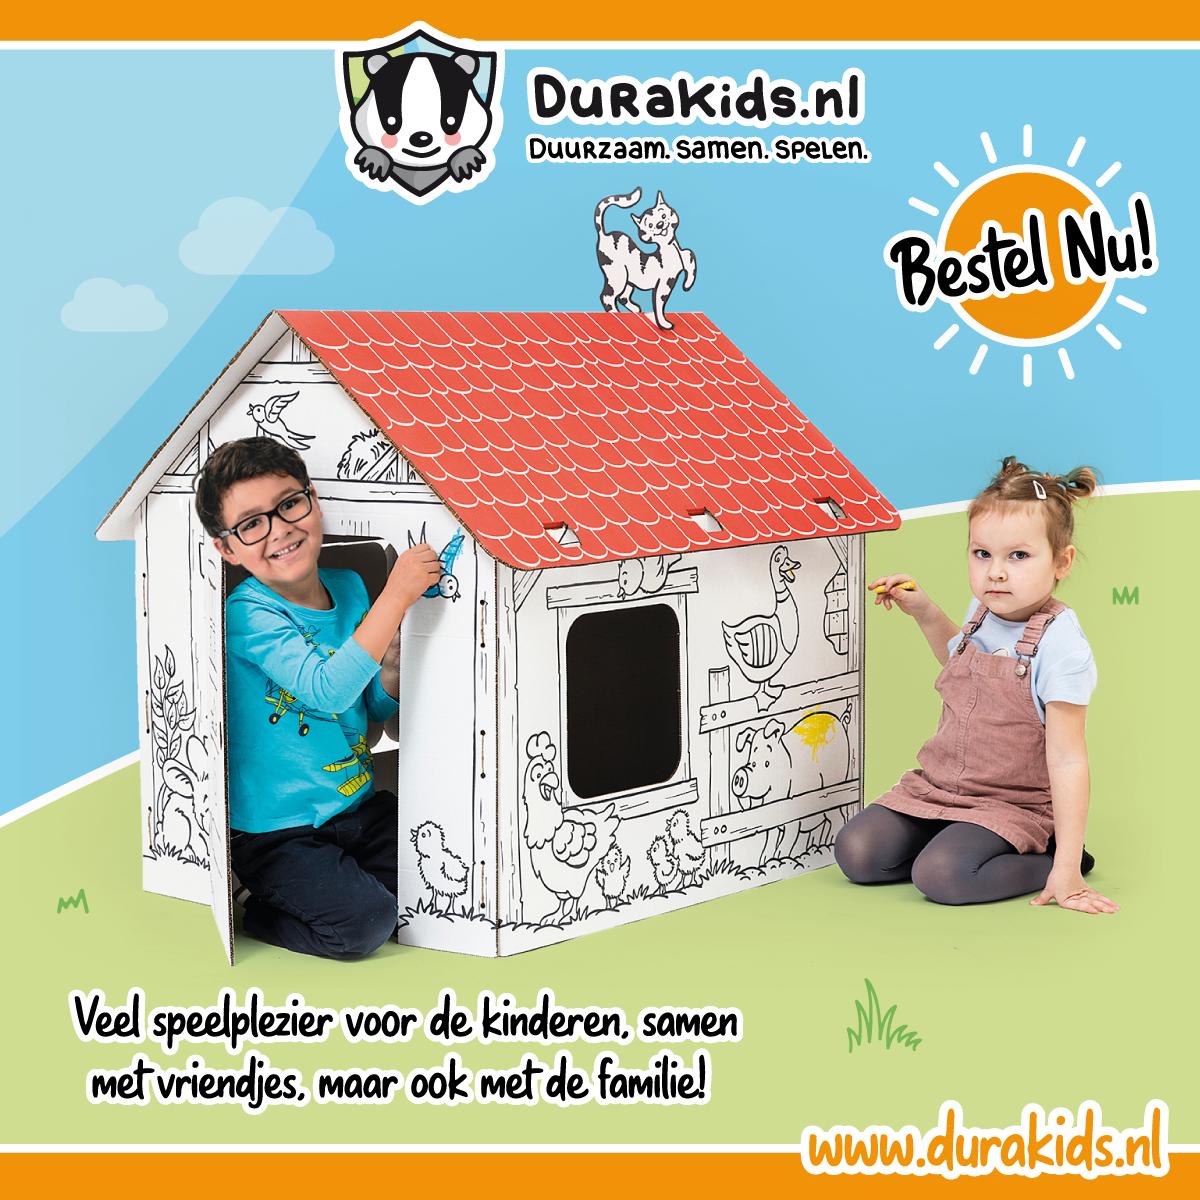 Kartonnen speelgoed is dé nieuwste trend in duurzaam geproduceerd speelgoed!